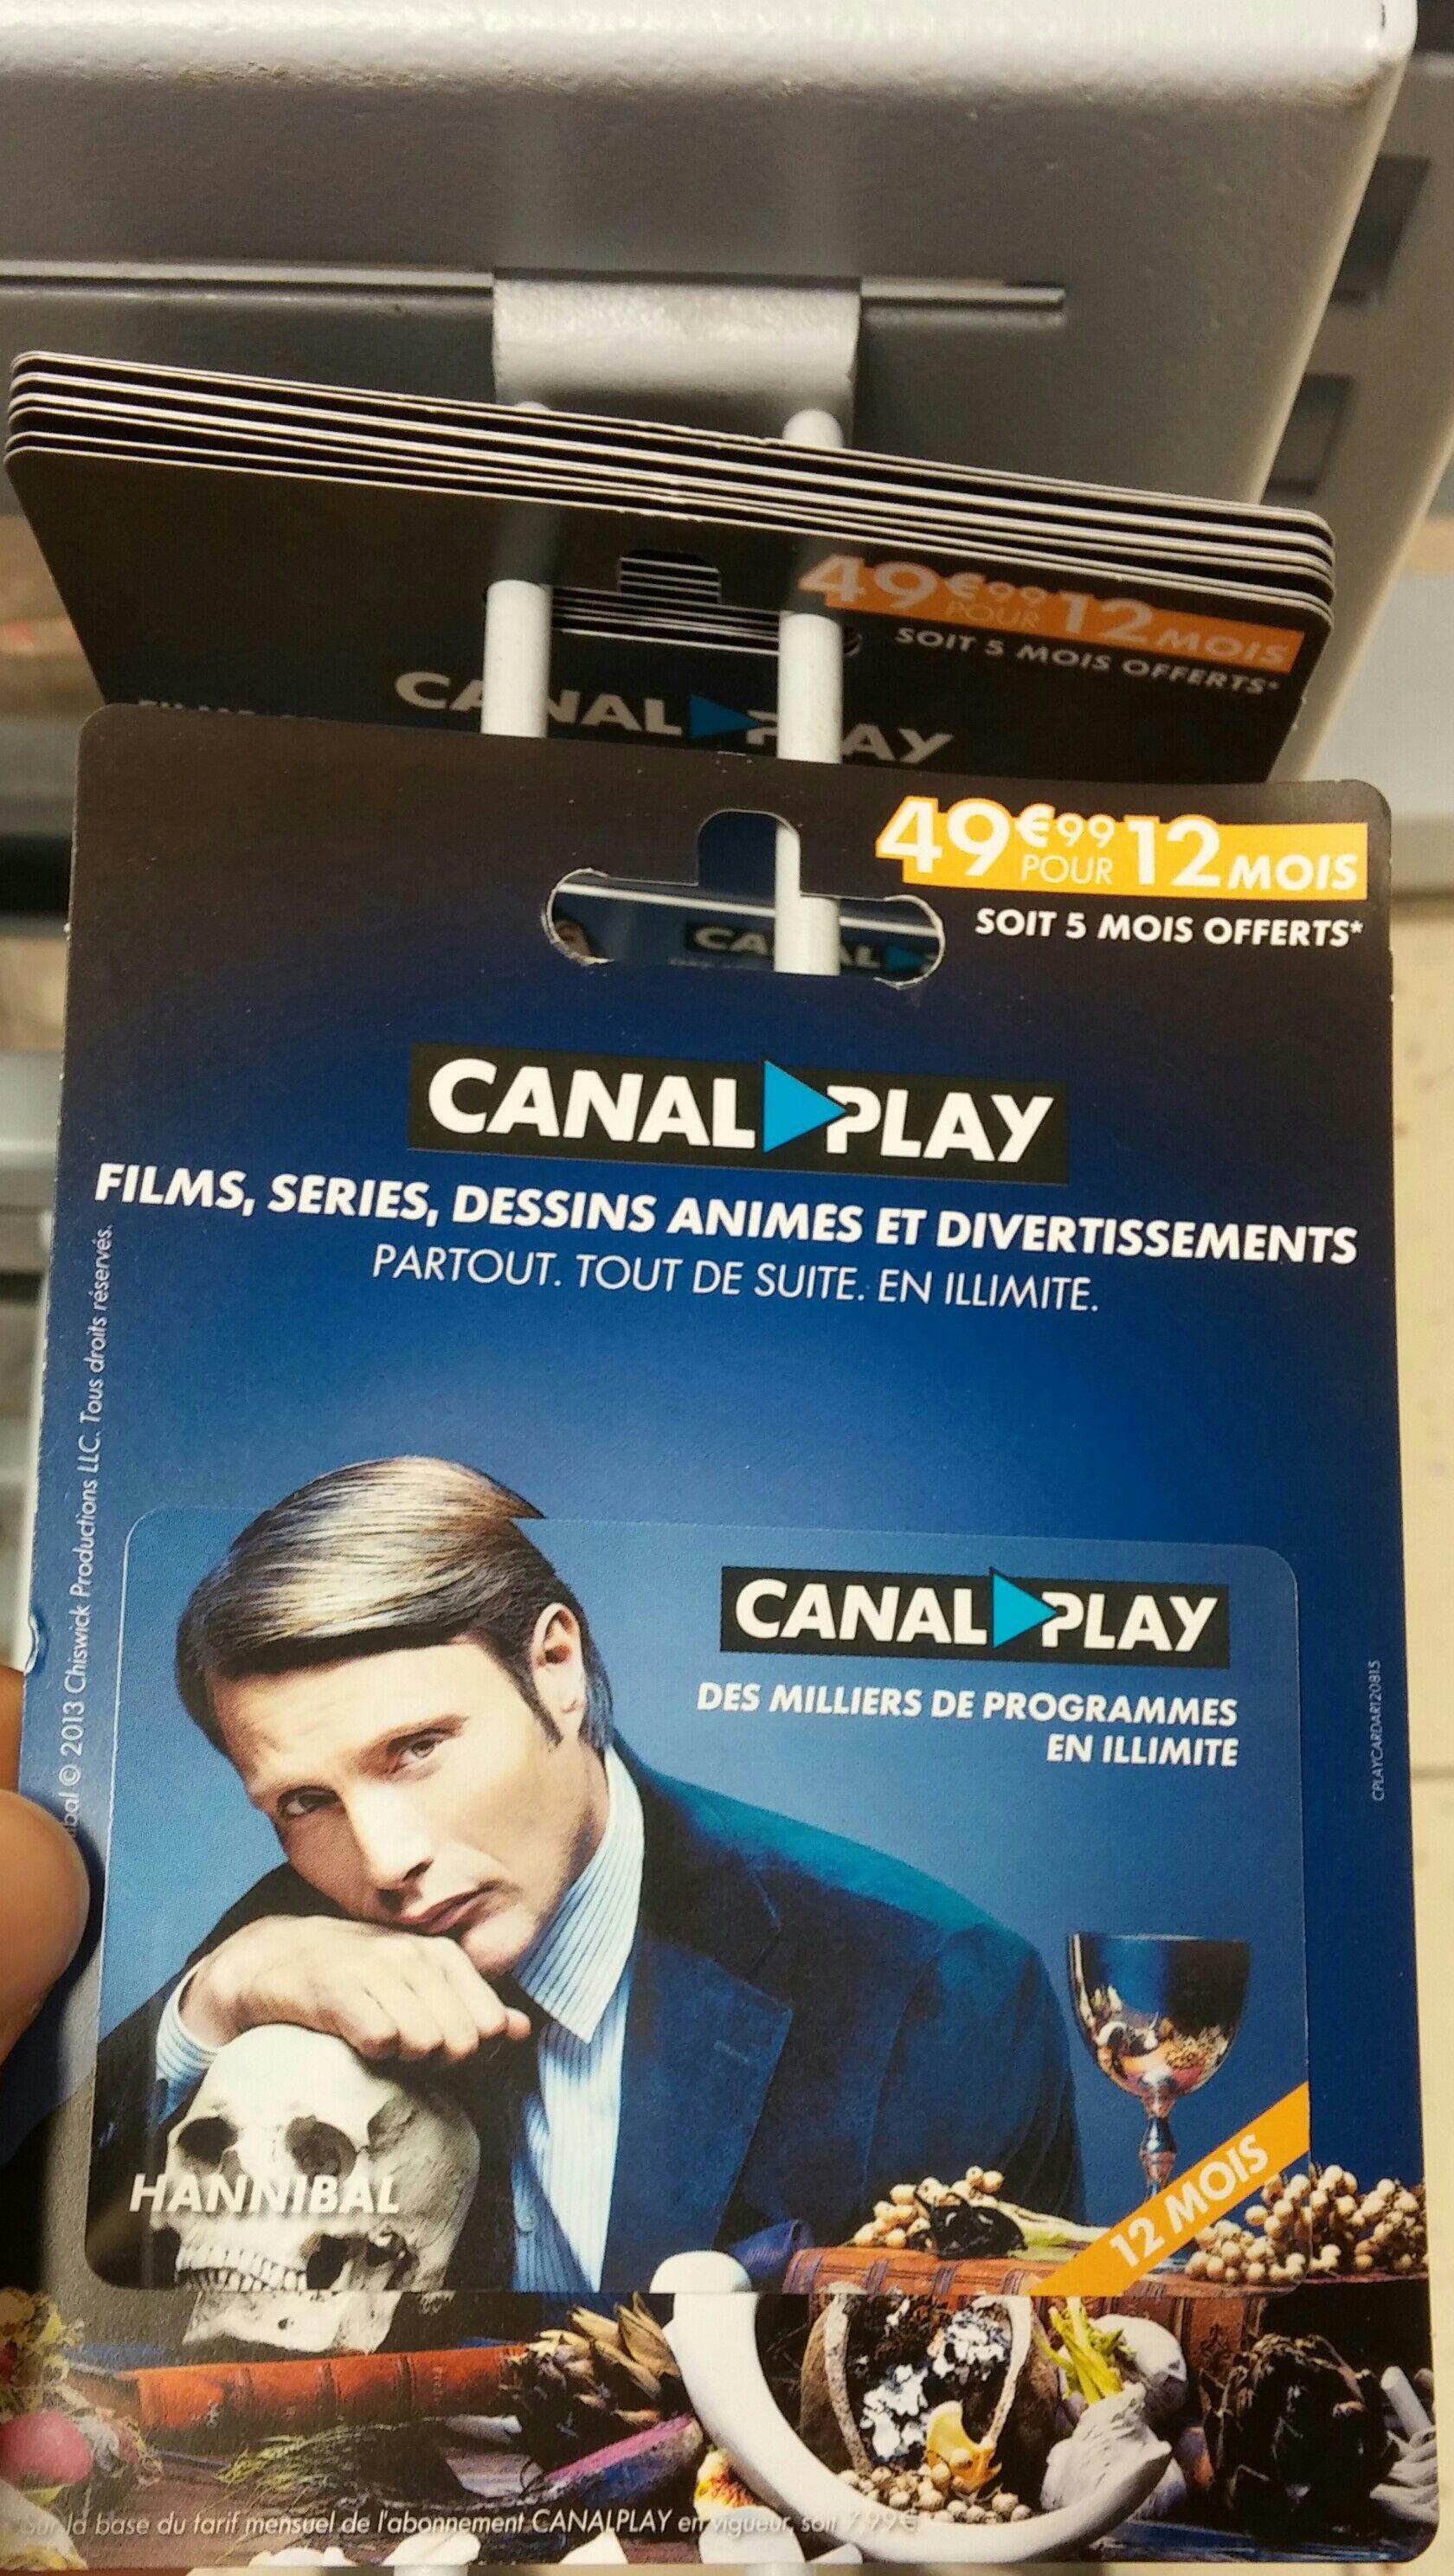 Abonnement CanalPlay pendant 1 an